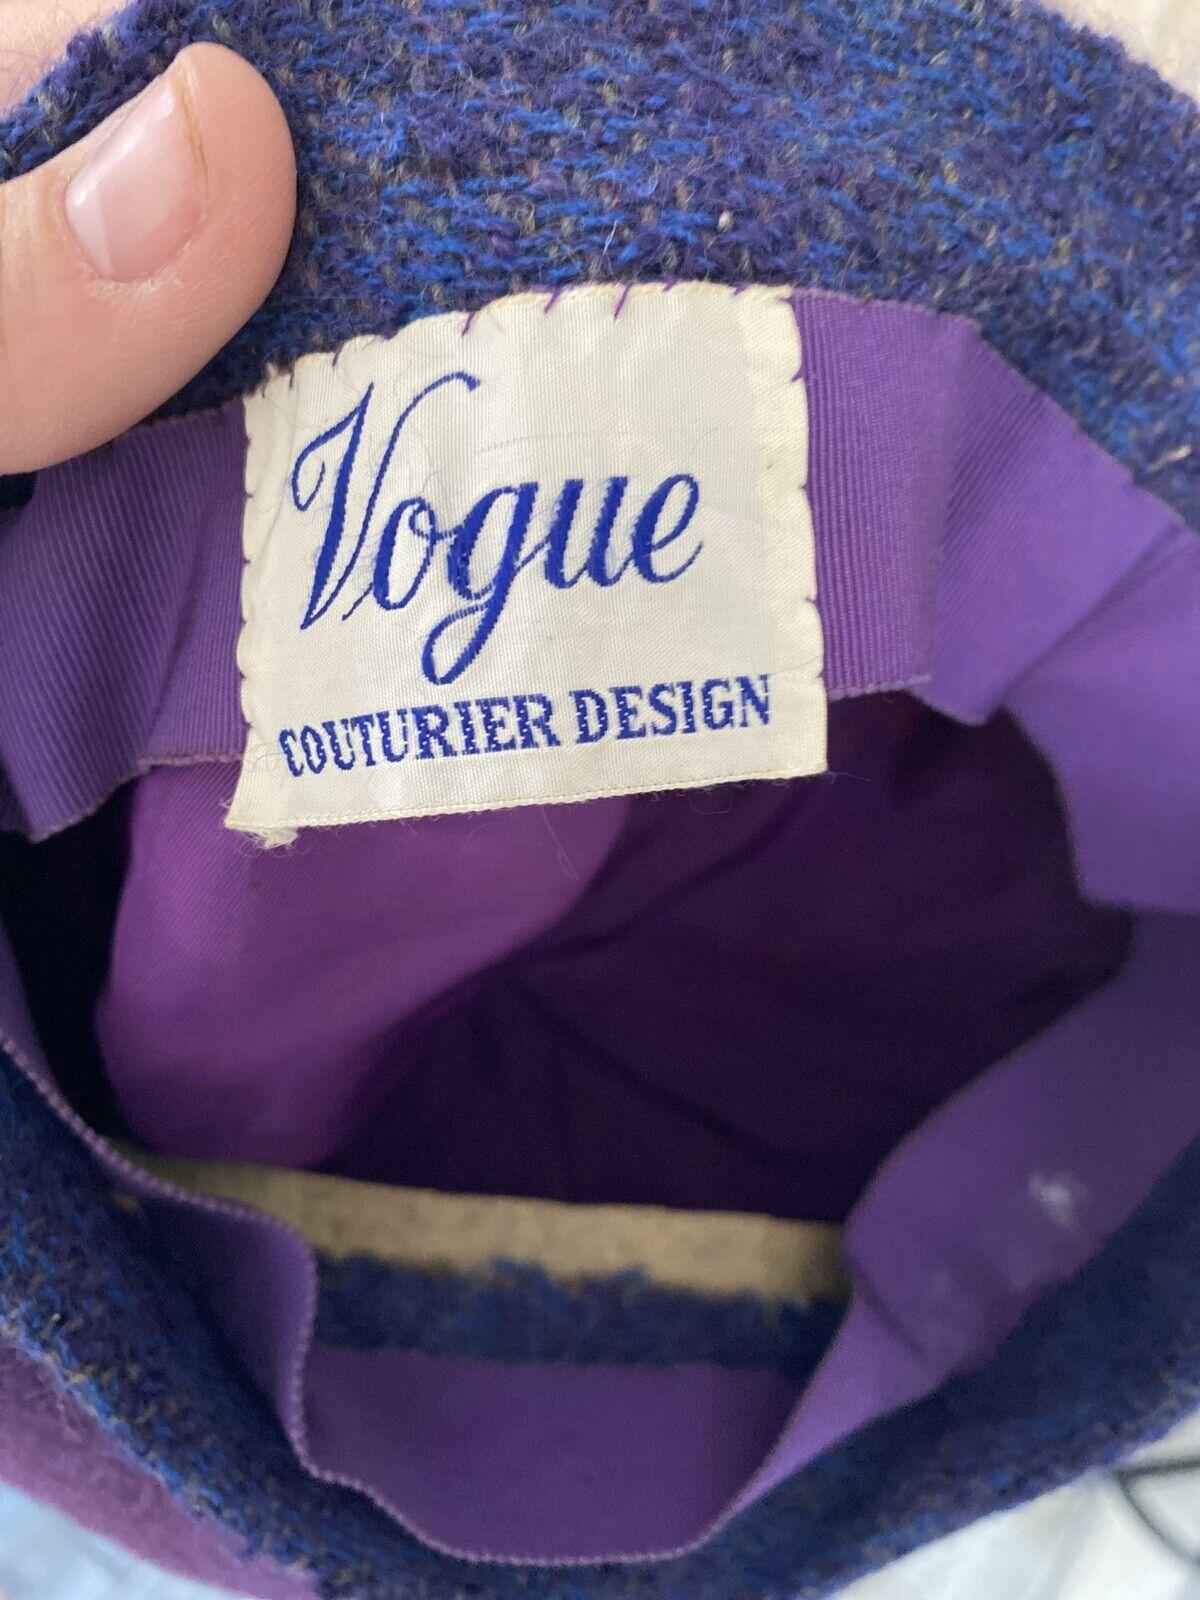 Vintage Vogue Couturier Design Beret - image 5